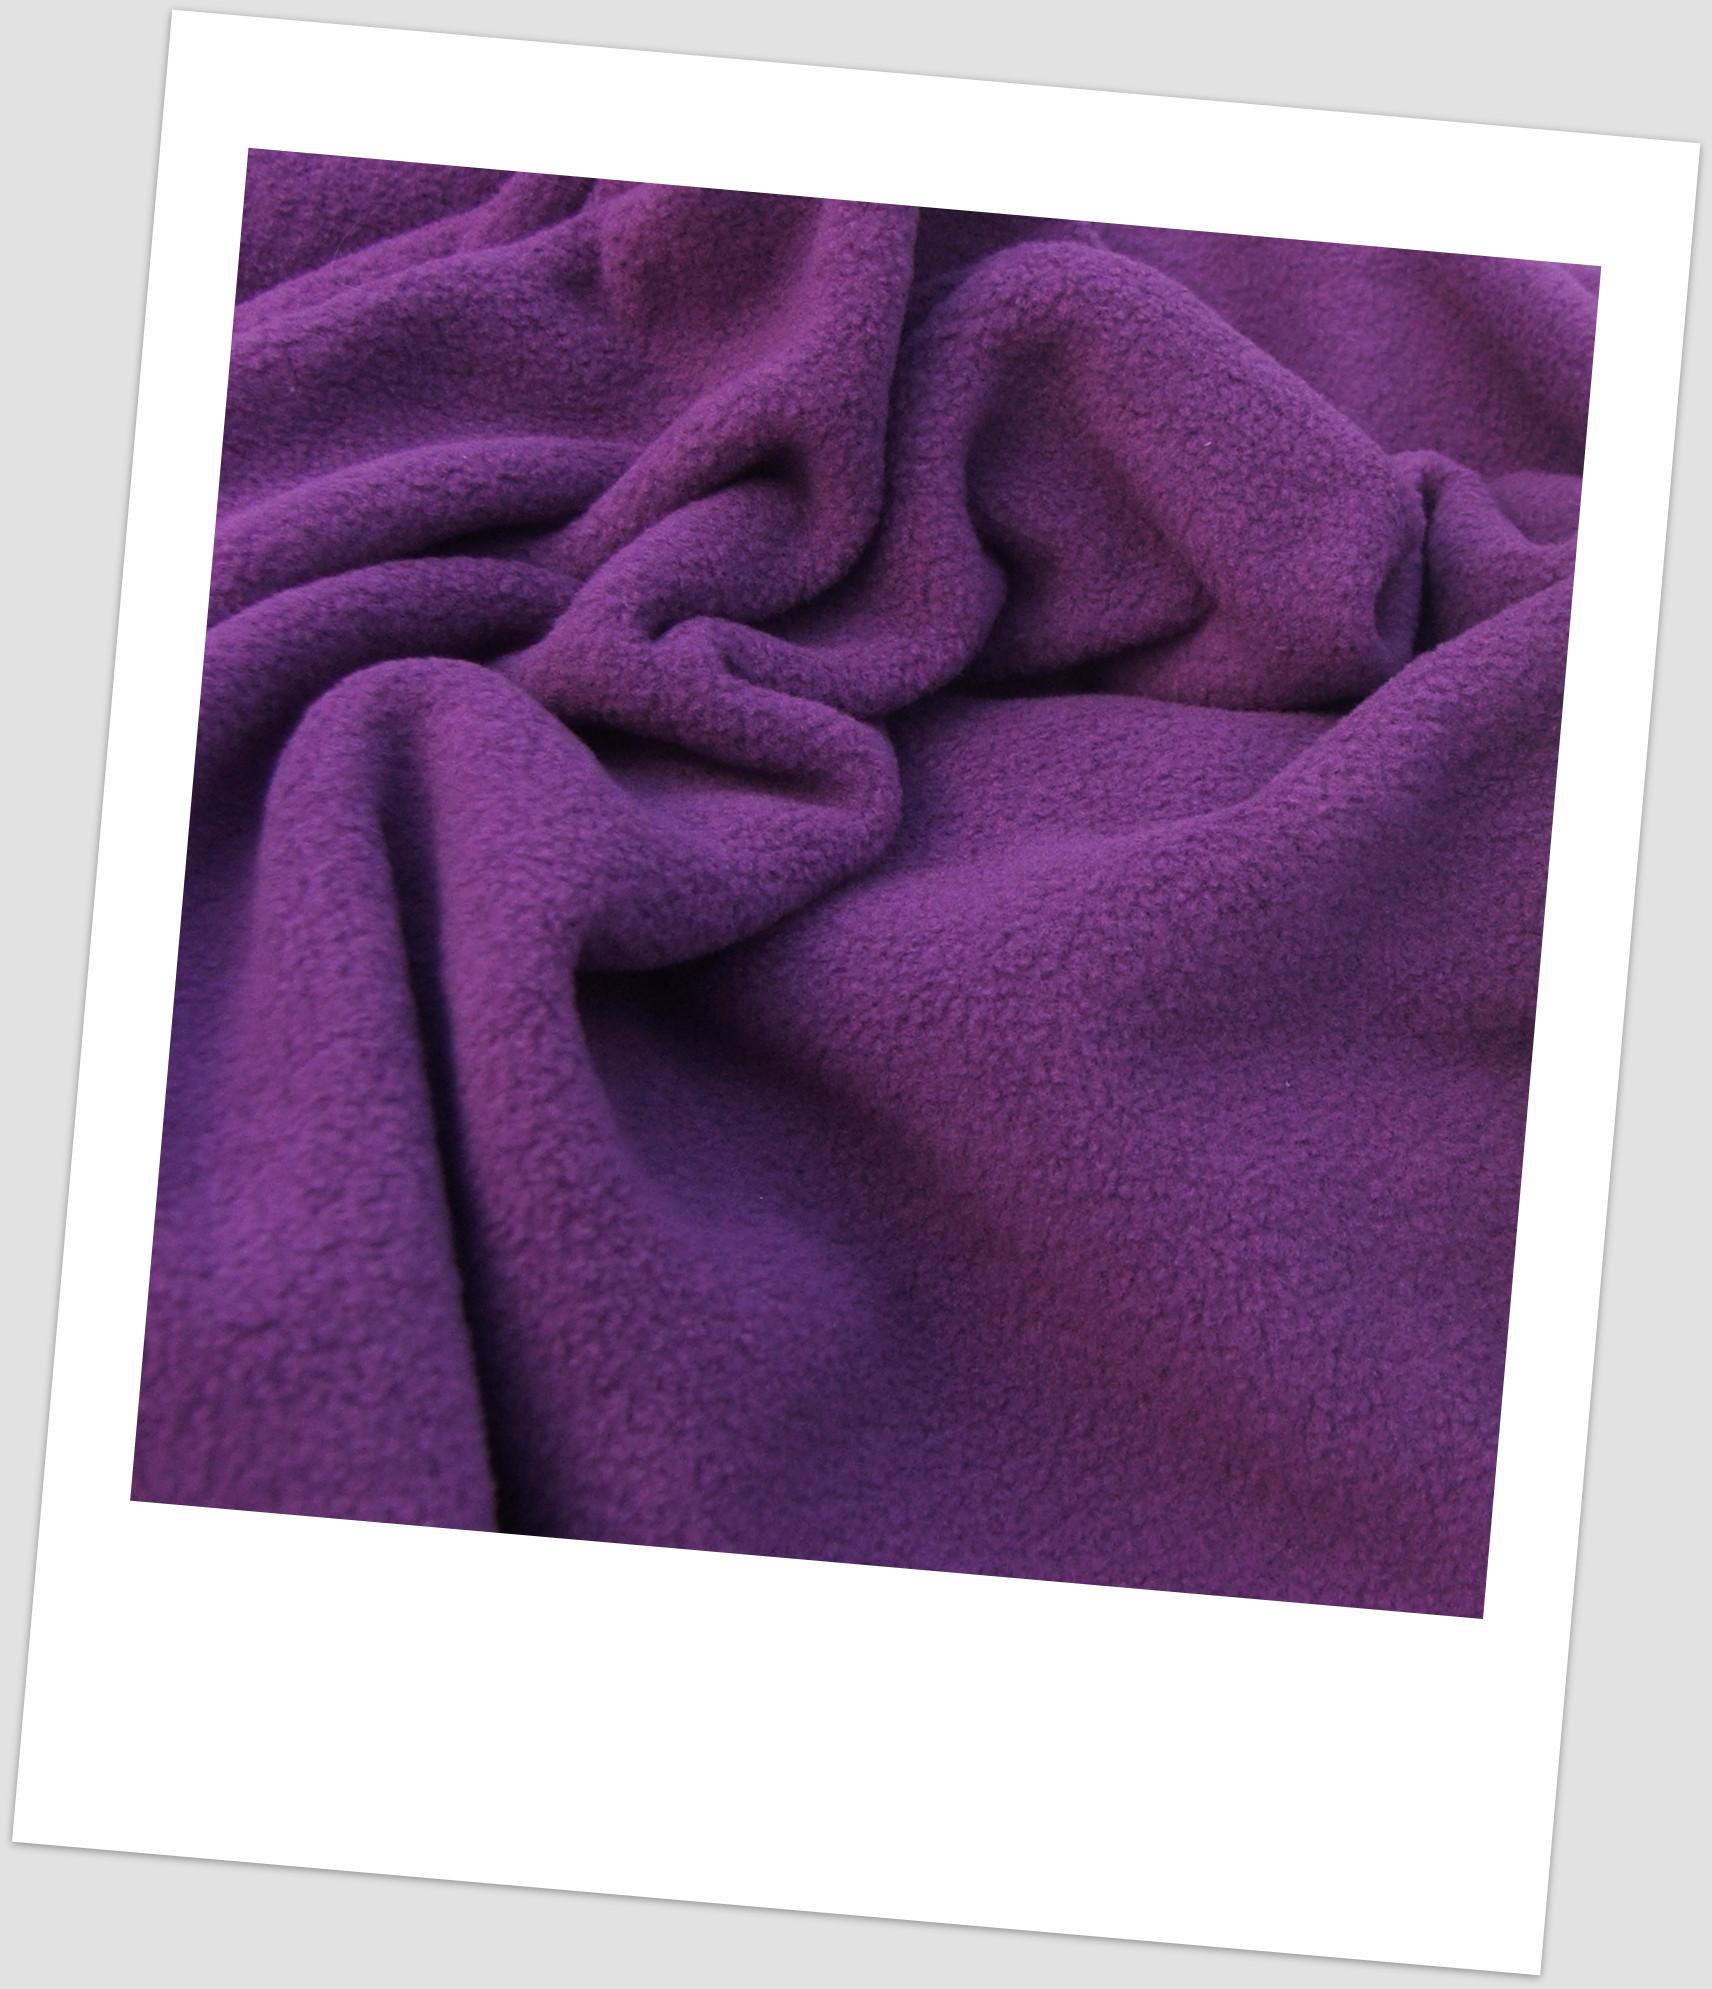 031dfe98b426 Potahová elastická látka pro čalounění interiéru vozu fialová ...